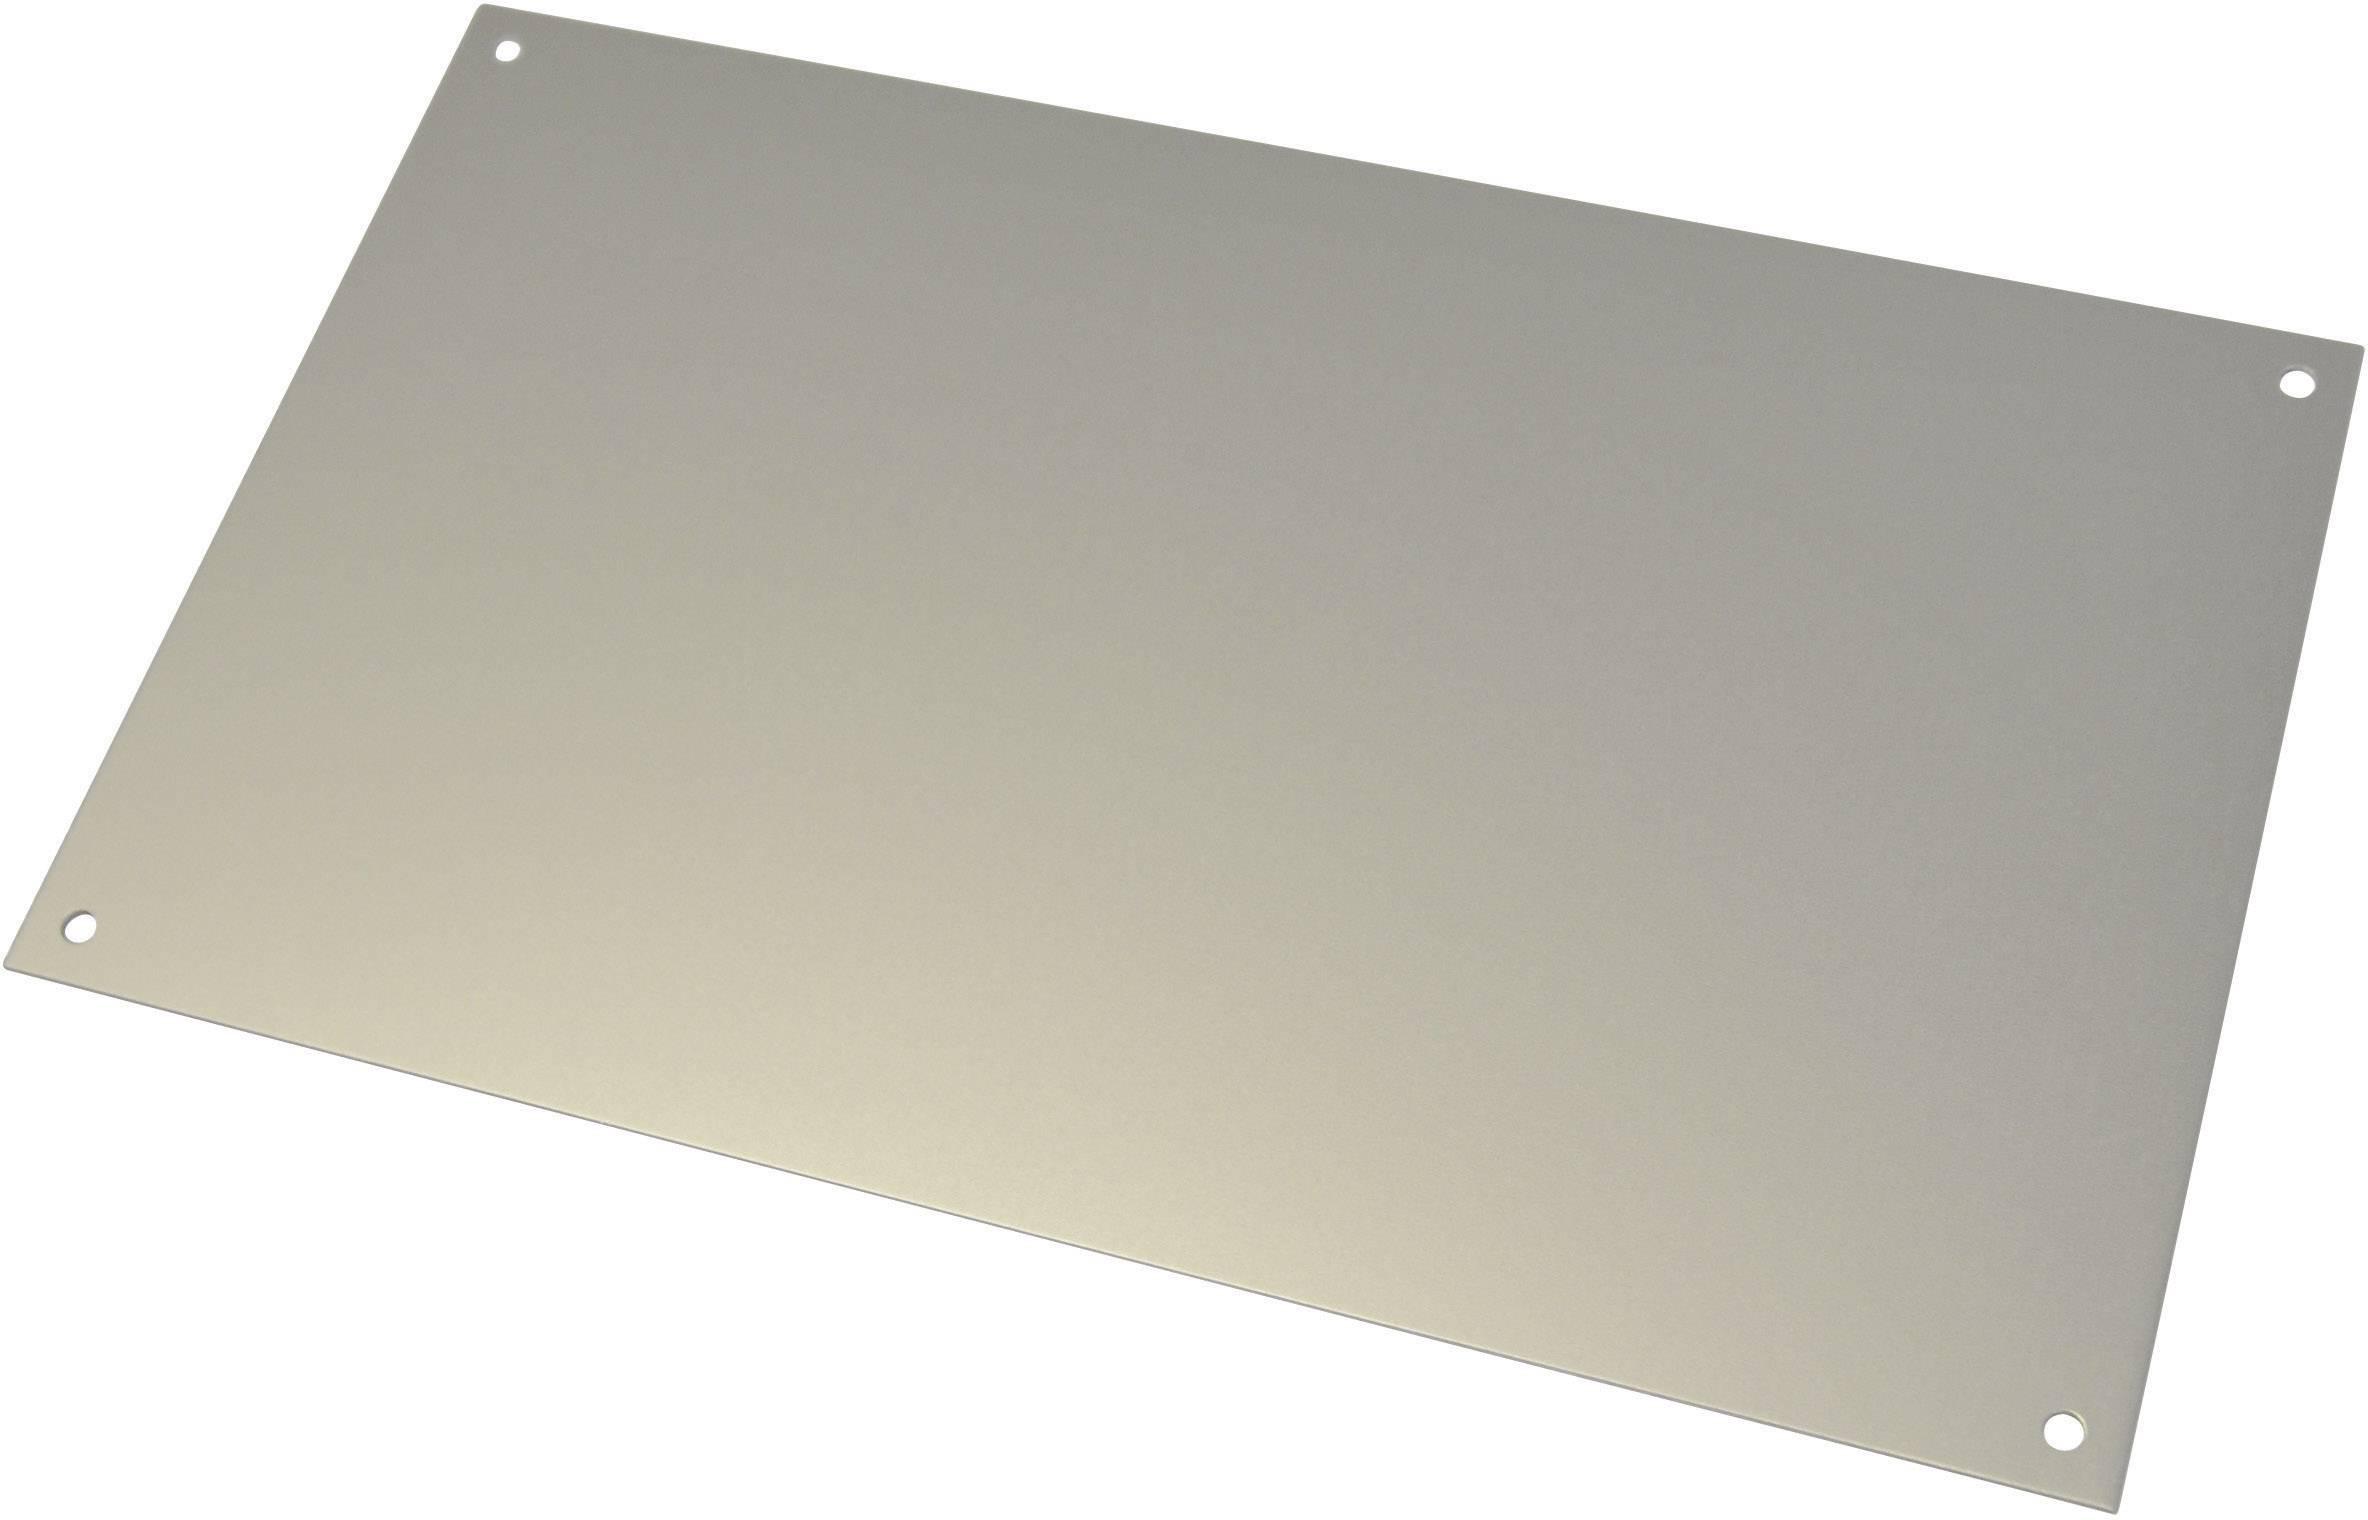 Čelný panel Bopla FAE250, hliník, hliník, 1 ks